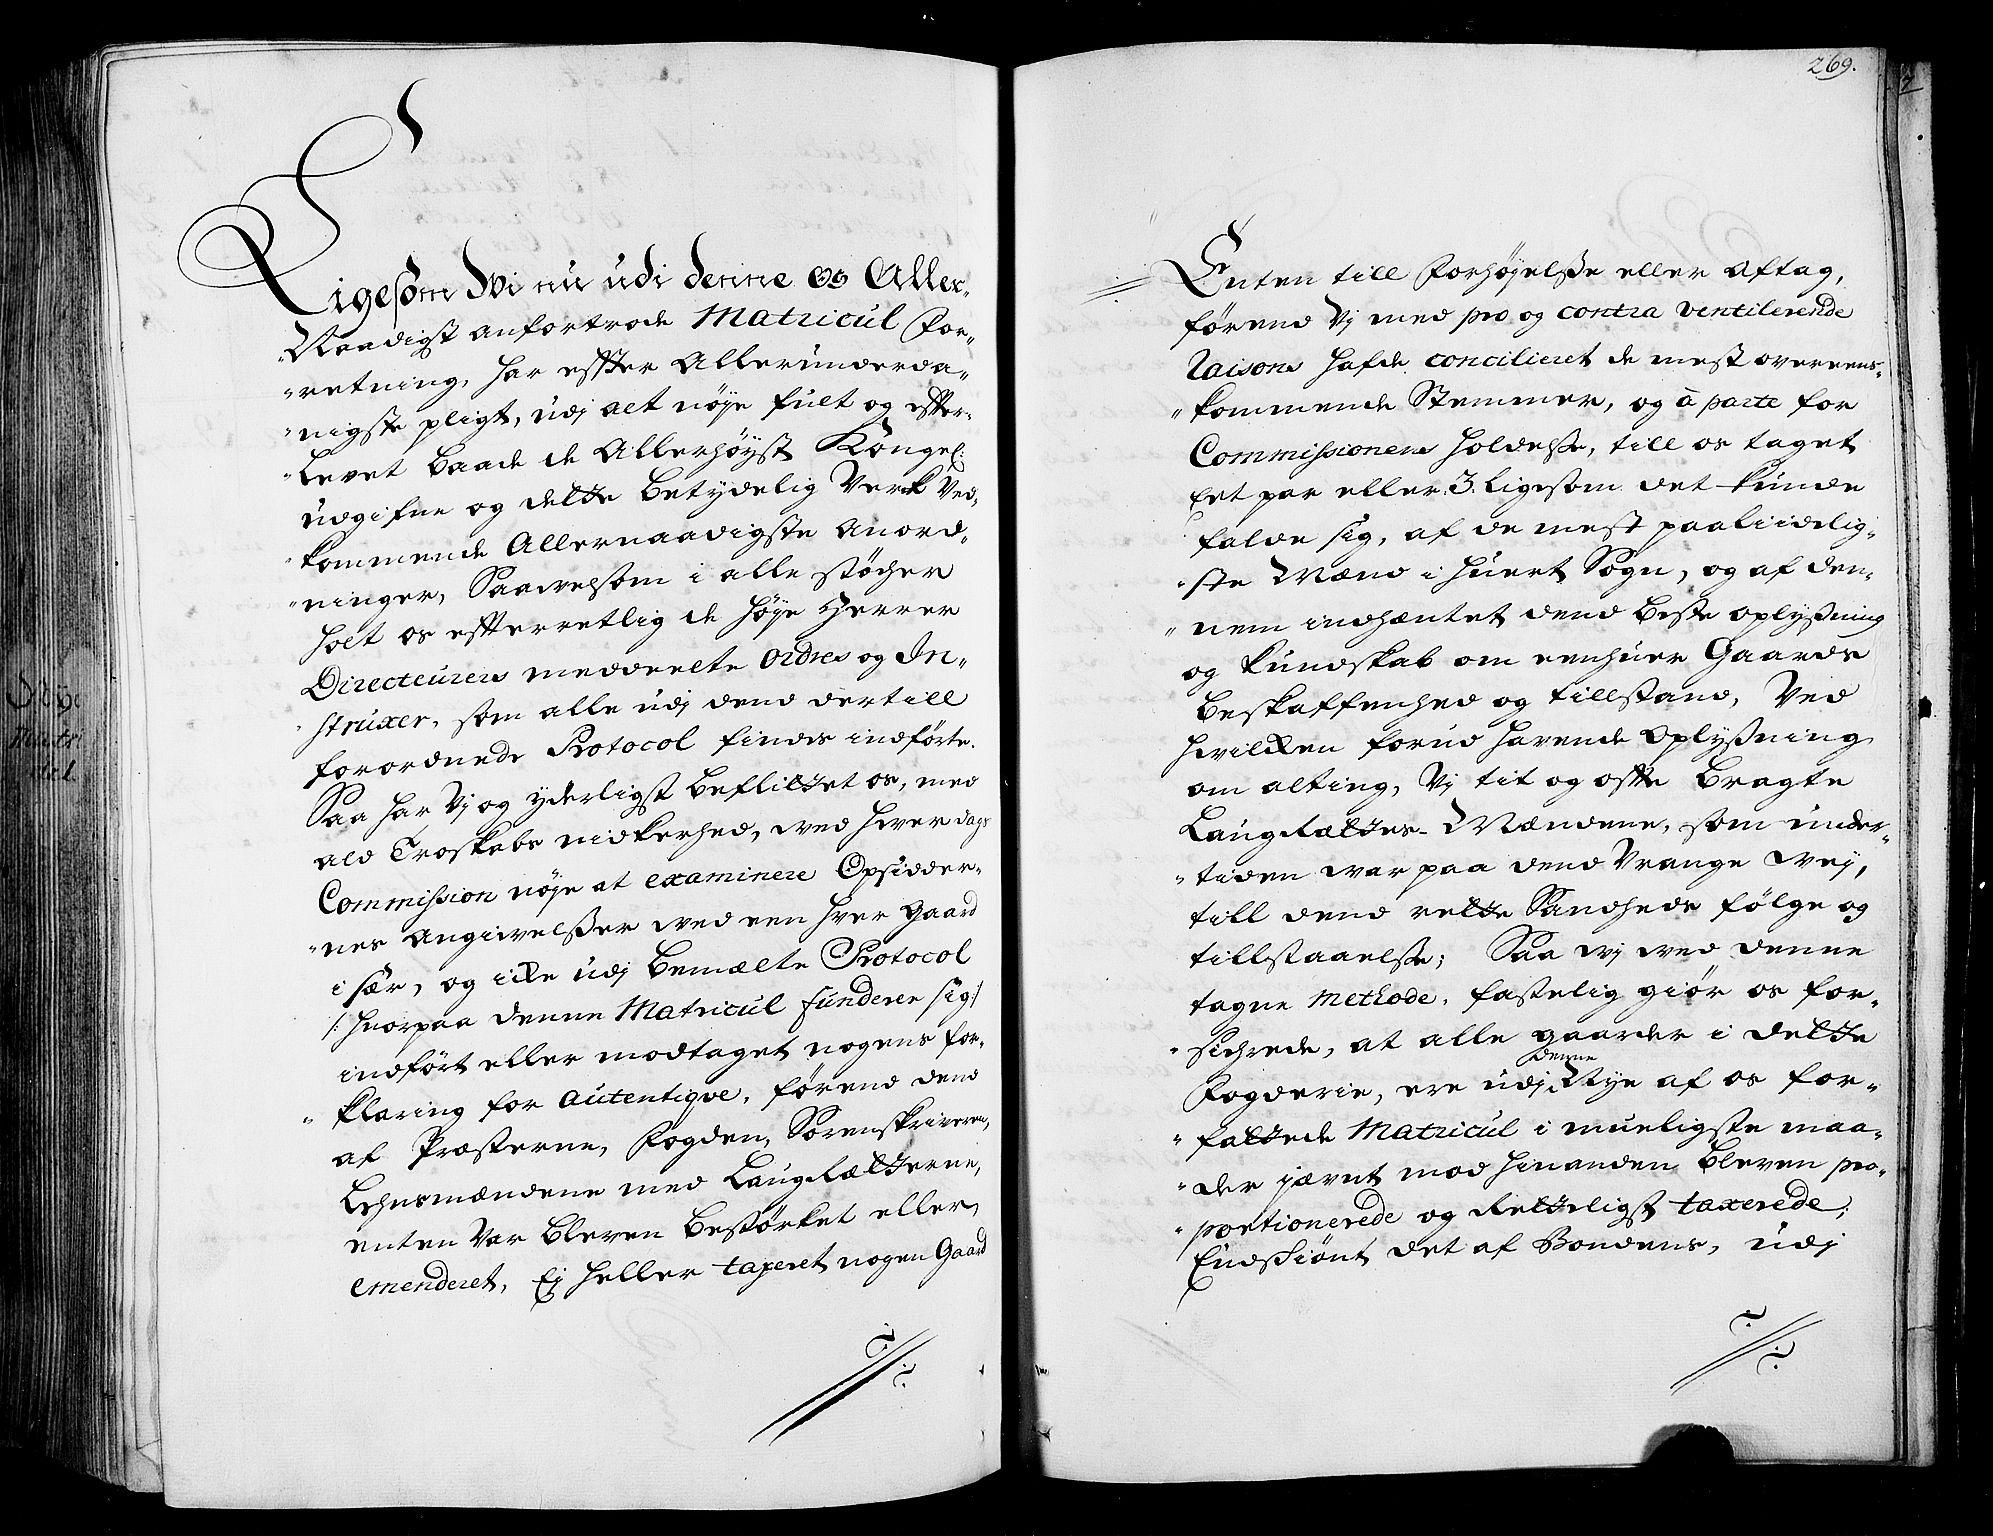 RA, Rentekammeret inntil 1814, Realistisk ordnet avdeling, N/Nb/Nbf/L0165: Stjørdal og Verdal matrikkelprotokoll, 1723, s. 268b-269a